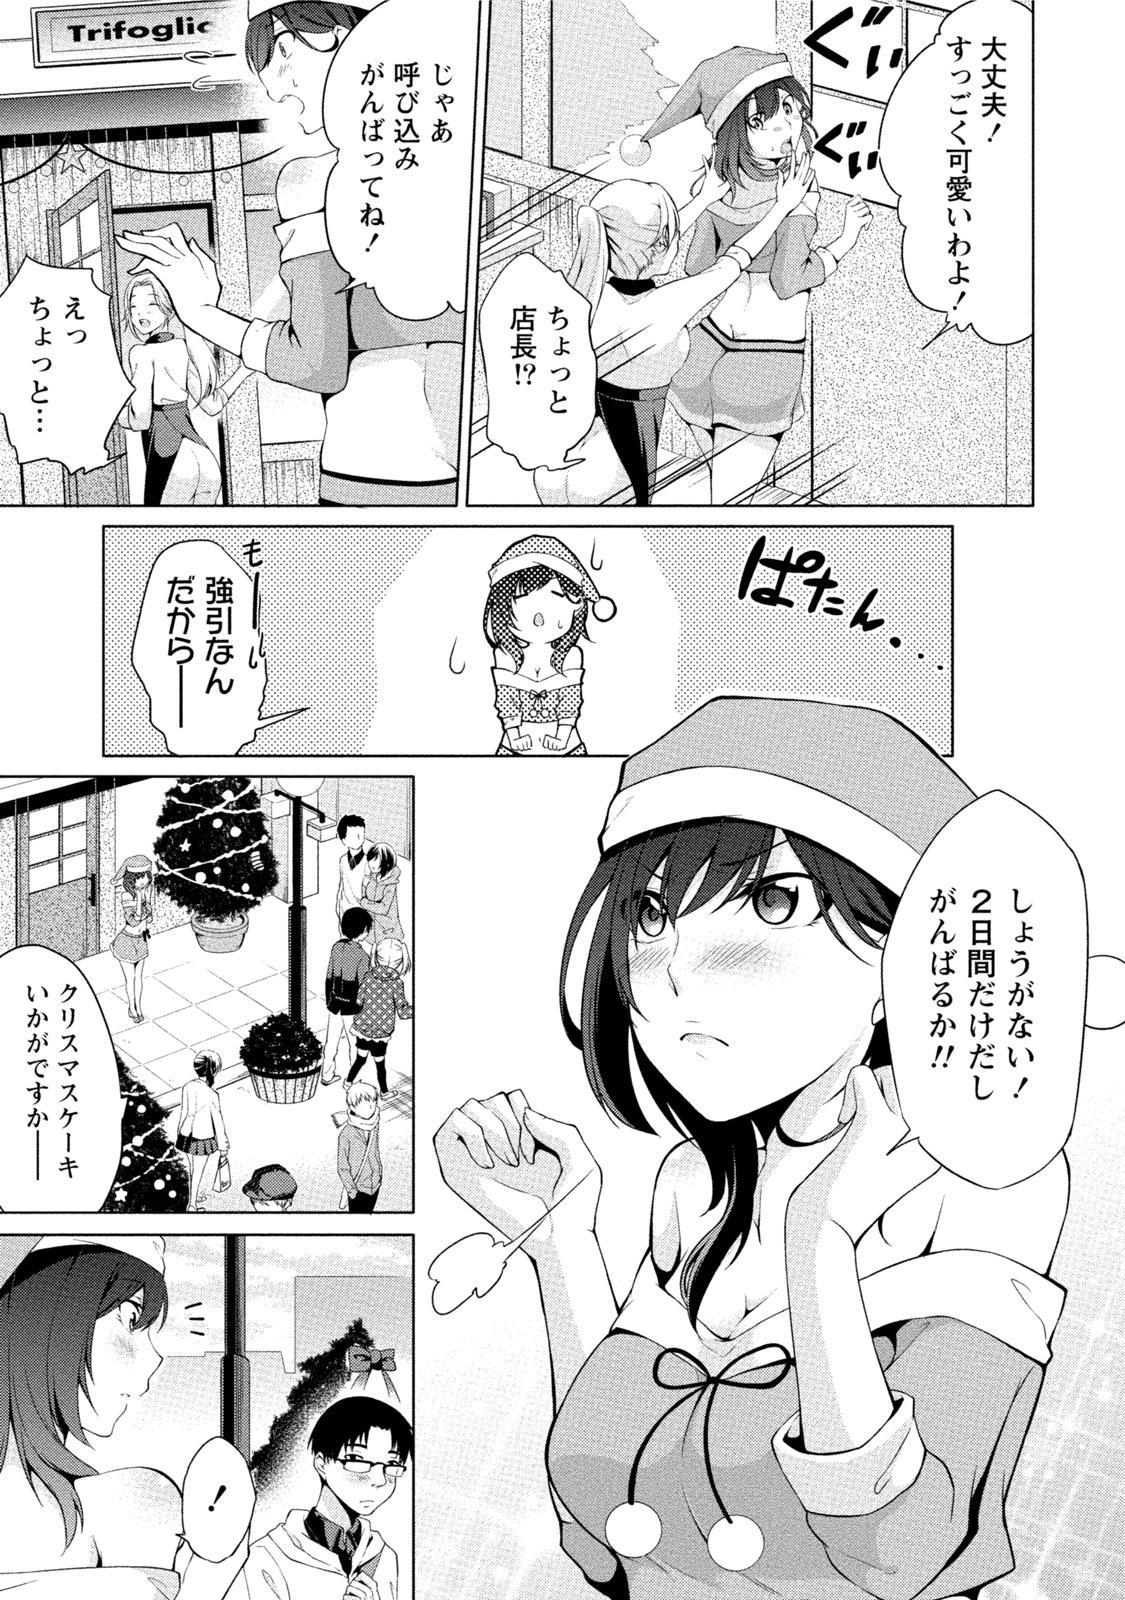 Ecchi na Watashi ja Dame desu ka? 65